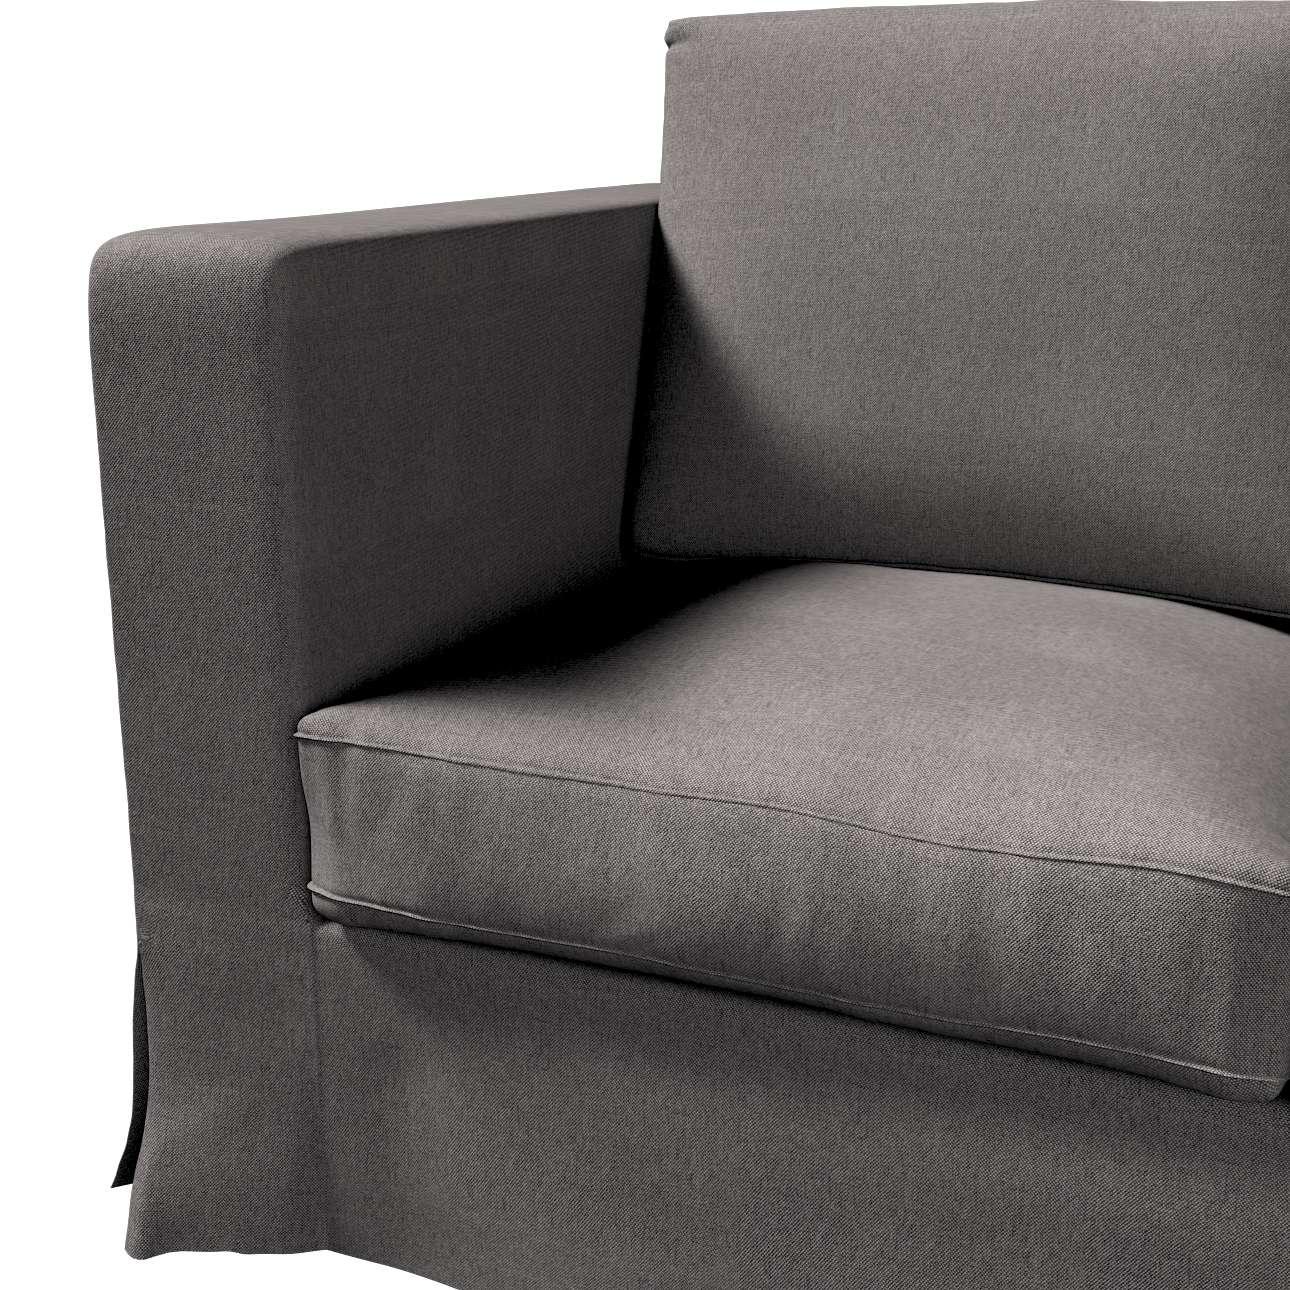 Pokrowiec na sofę Karlanda 3-osobową nierozkładaną, długi w kolekcji Etna, tkanina: 705-35